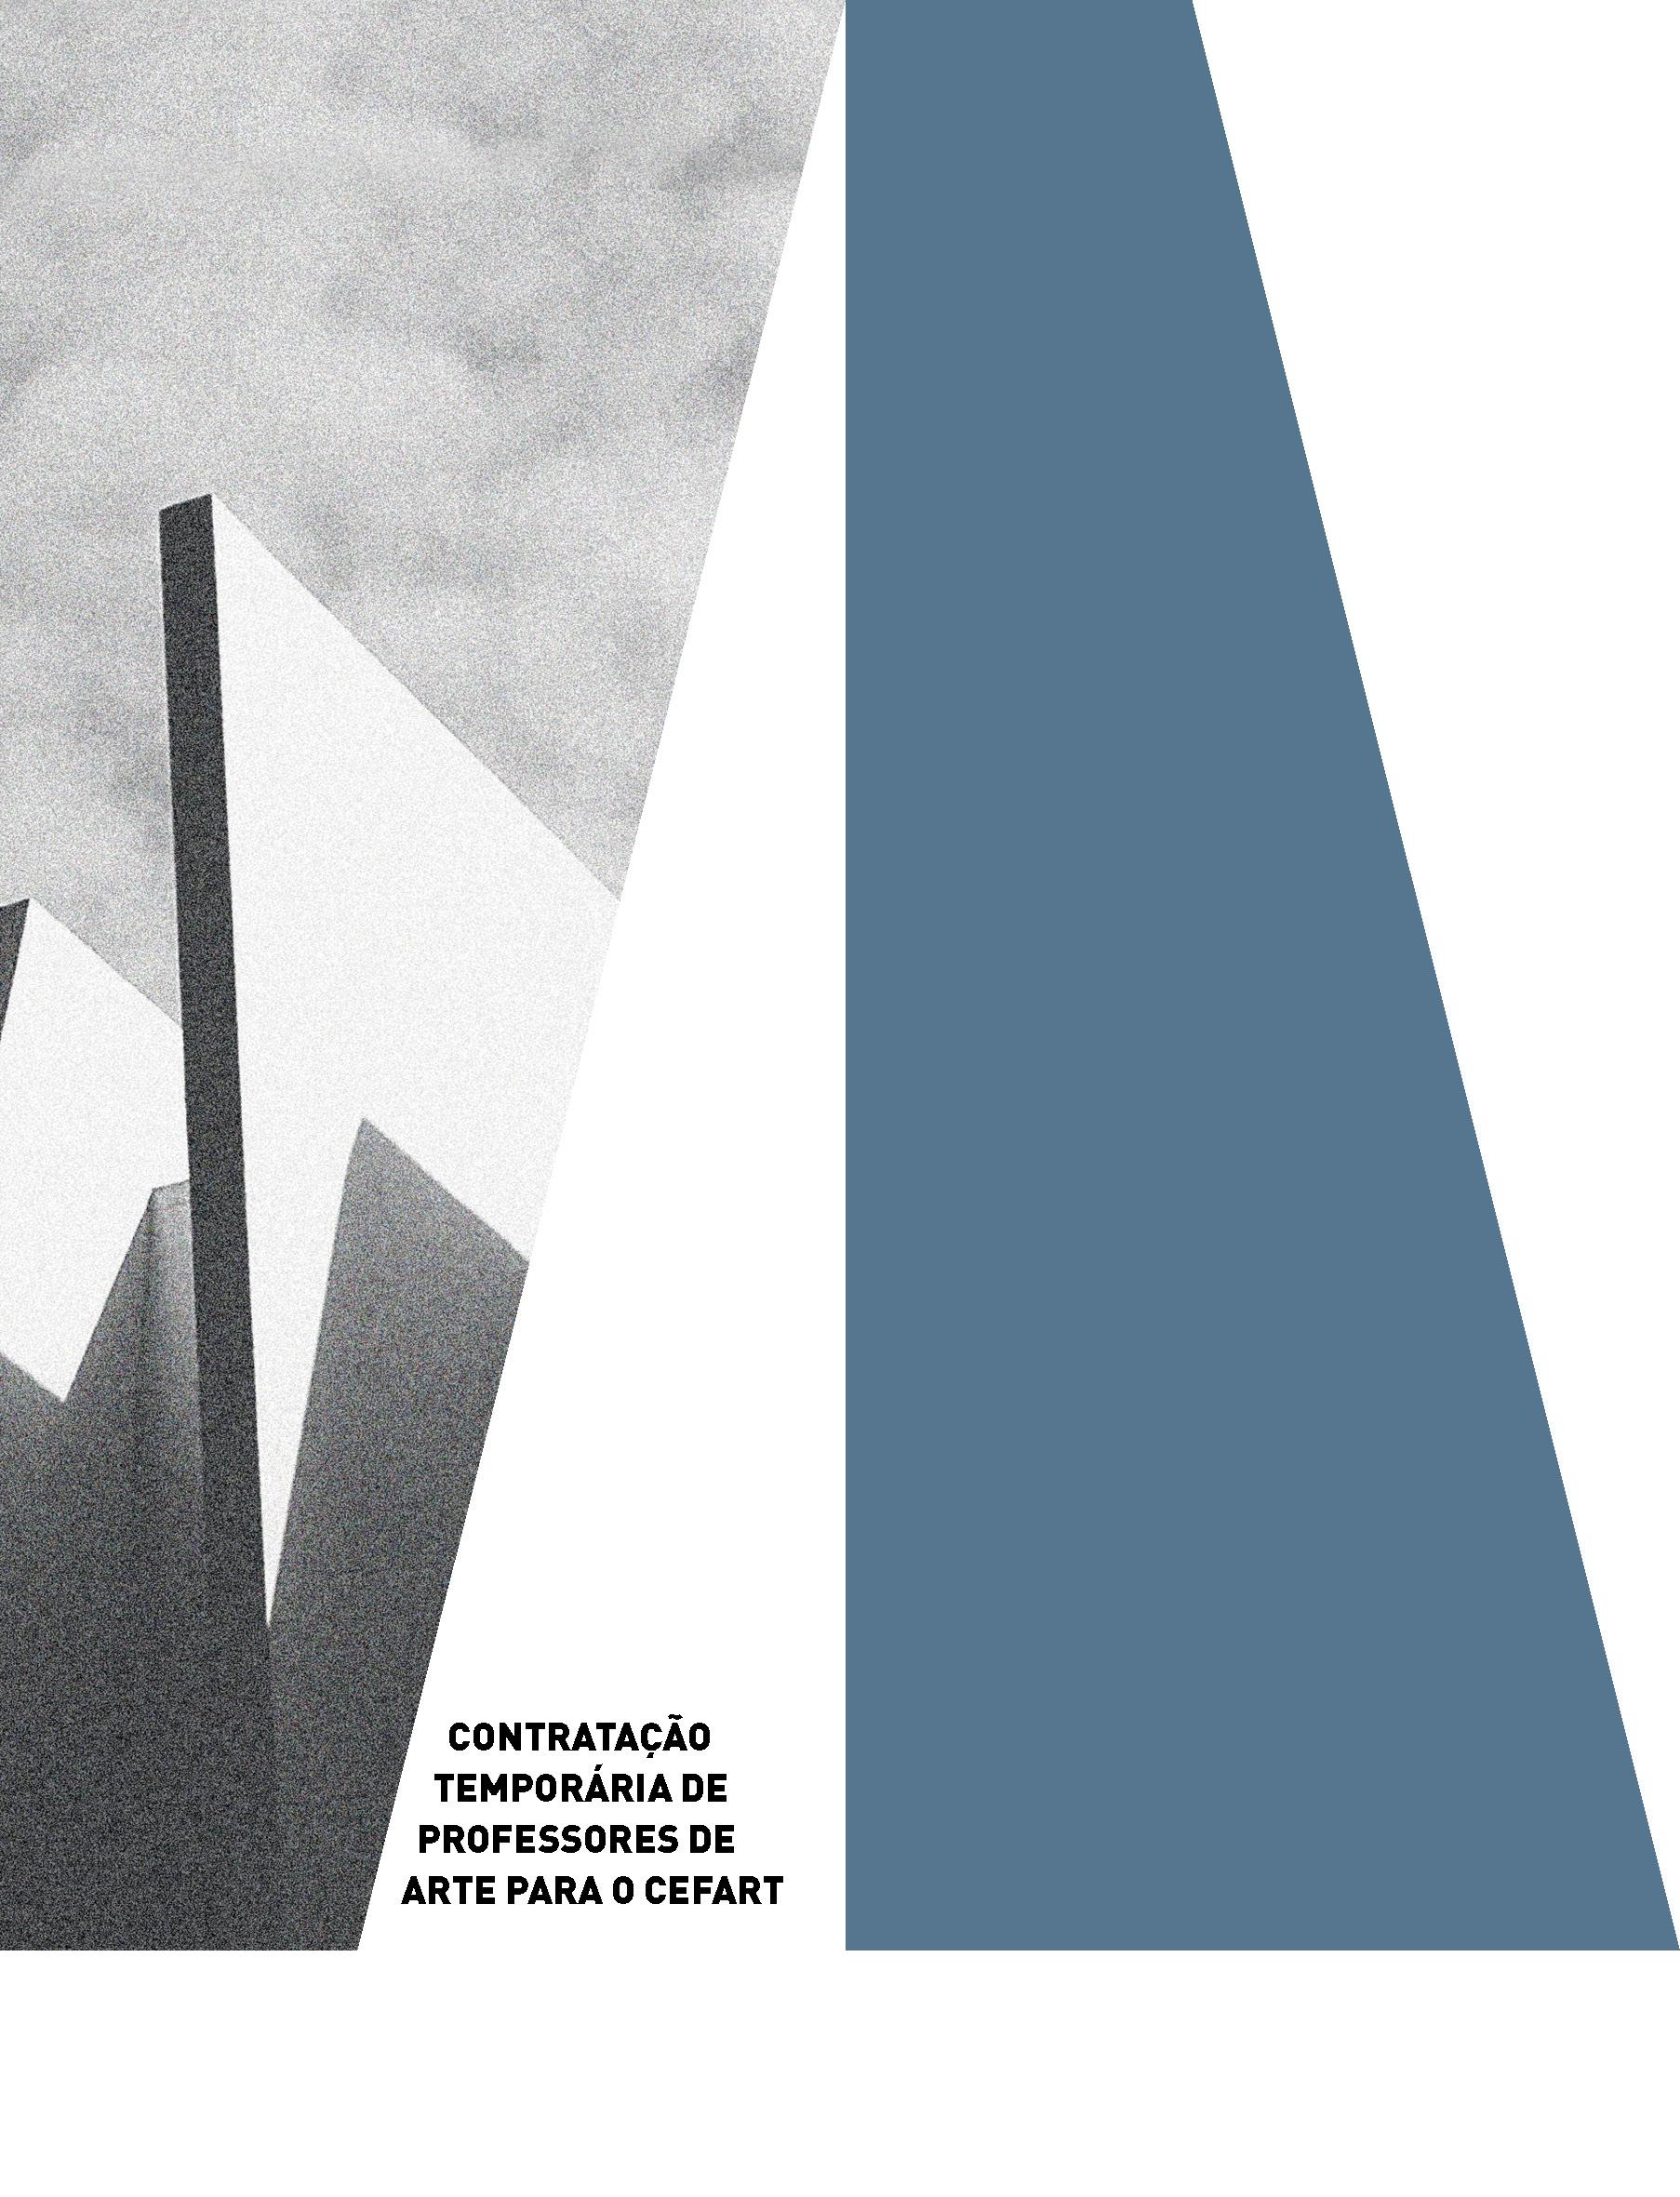 Evento: Edital de Contratação de Professores de Arte 2021/2022   Cefart